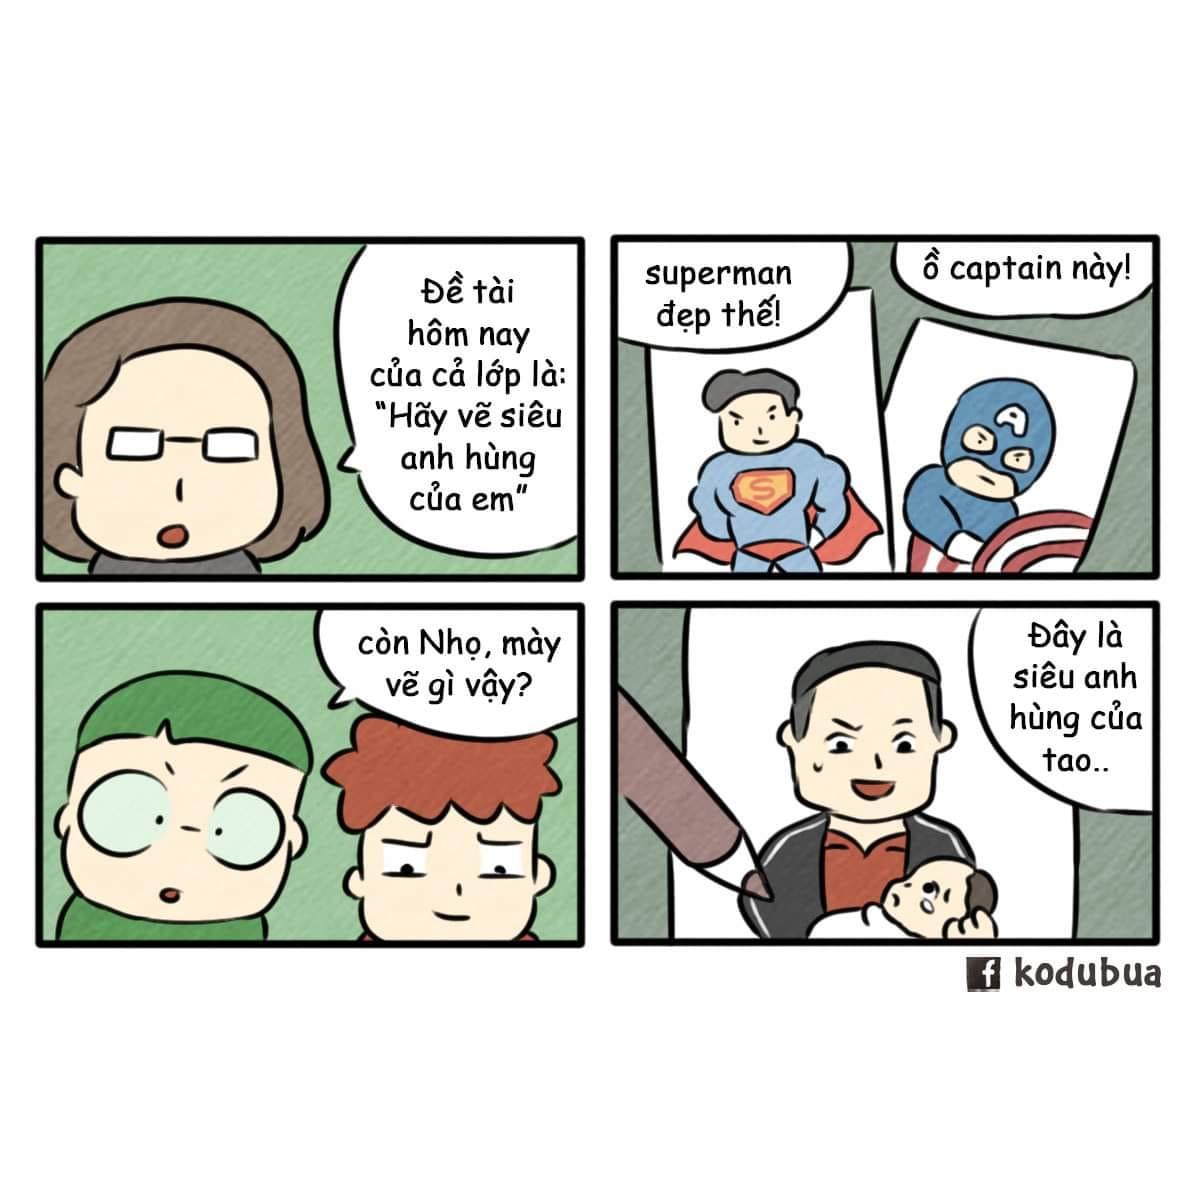 Caption American, Super Man... chỉ có trong phim, còn anh hùng ngoài đời thực từ giờ sẽ gọi tên anh Nguyễn Ngọc Mạnh. Ảnh: kodubua.